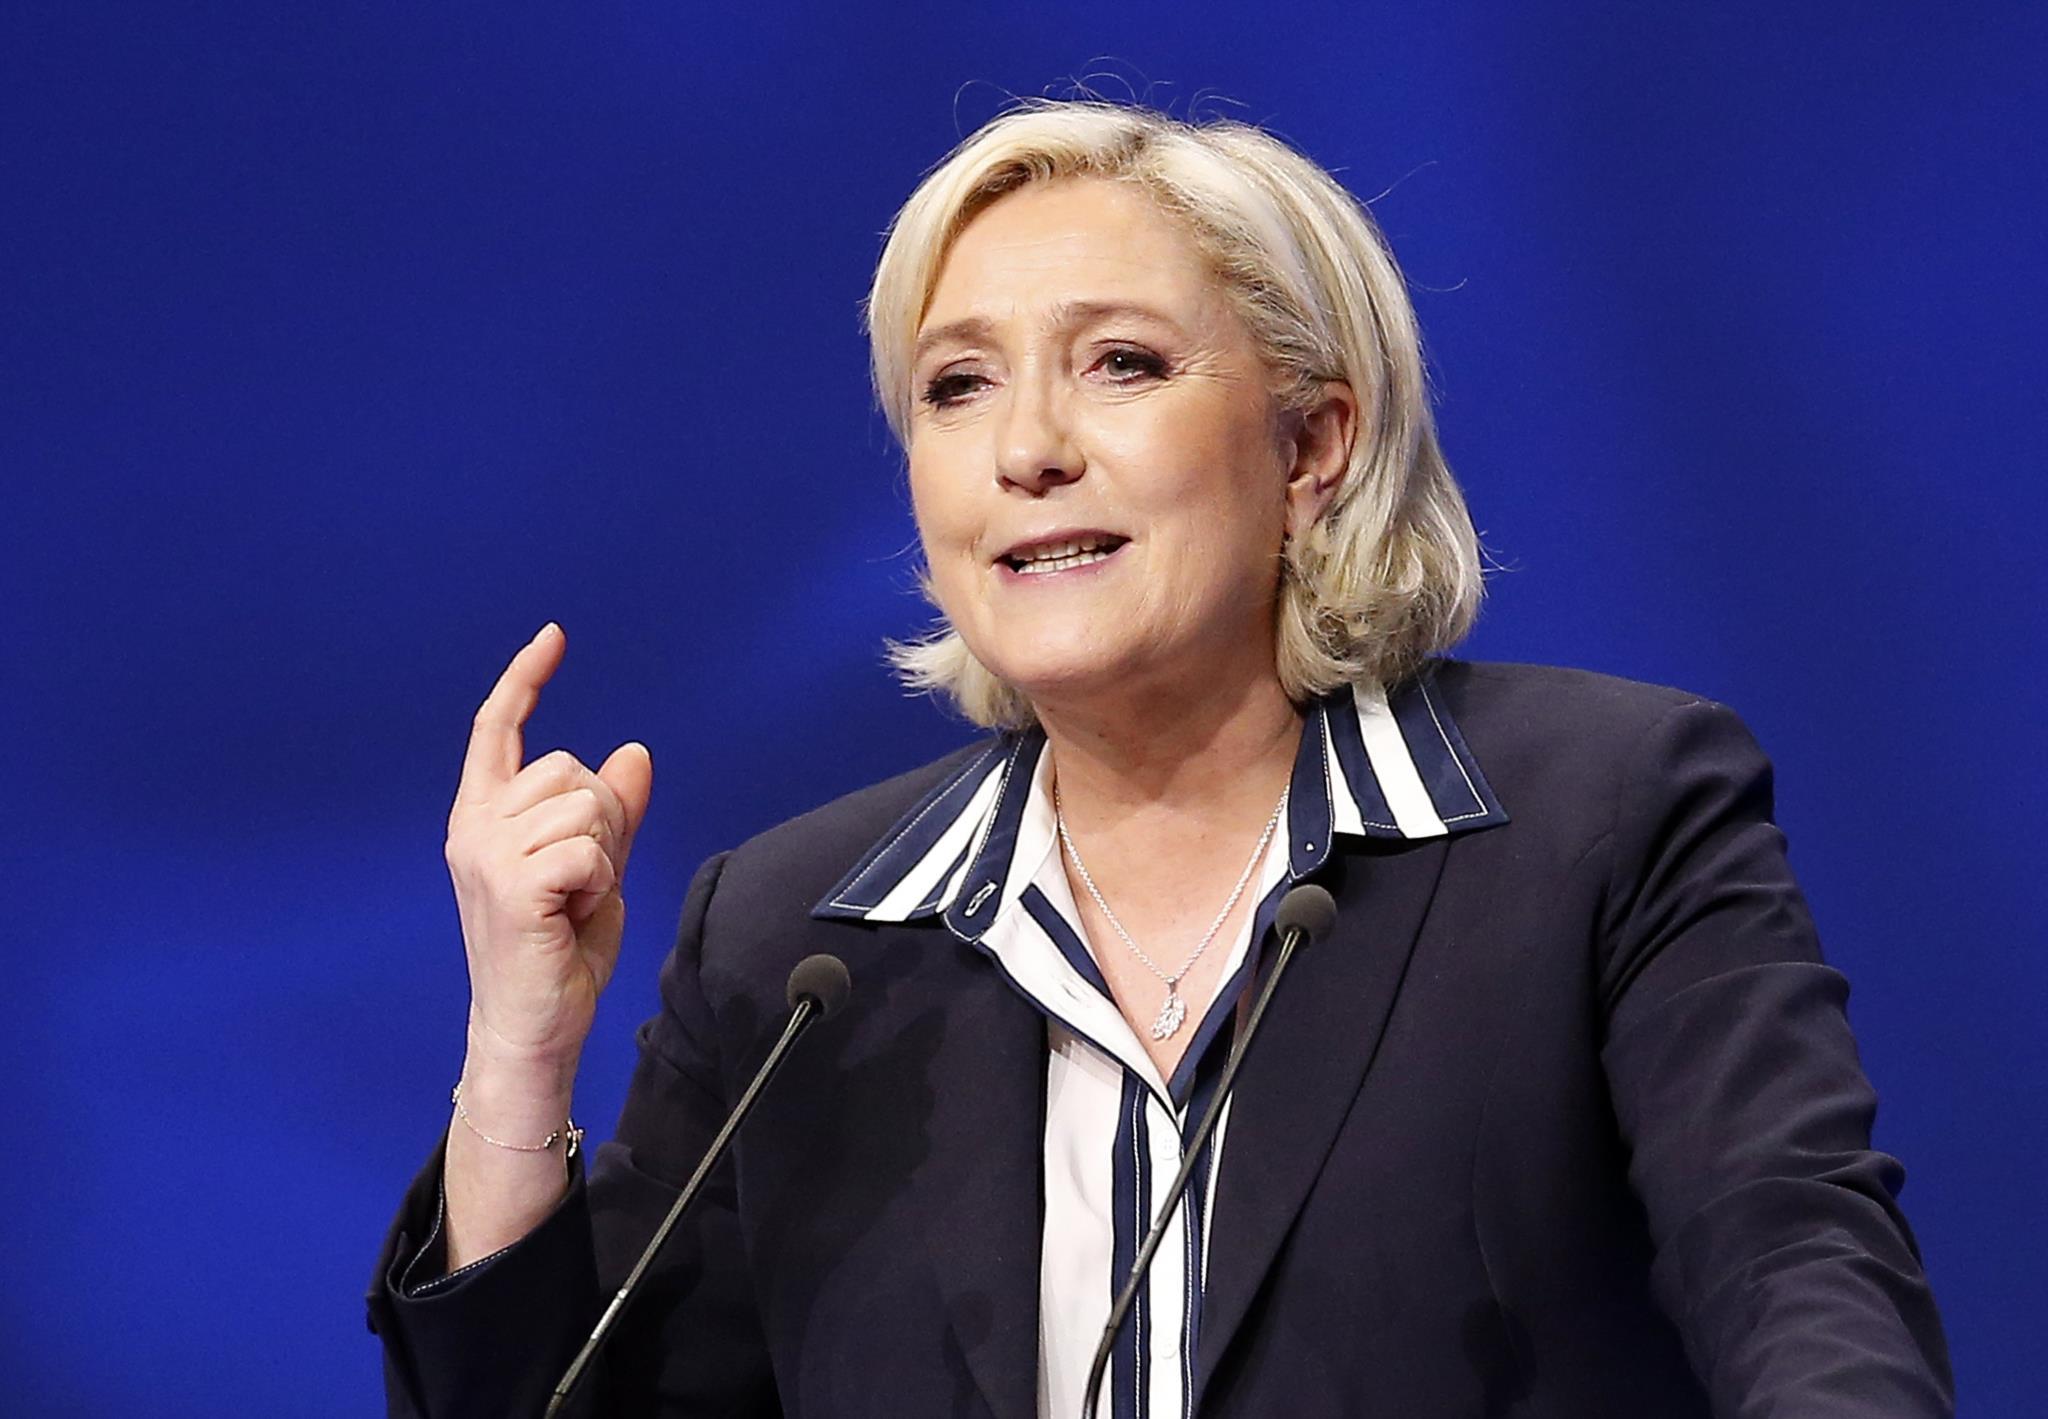 """PÚBLICO - """"O euro está morto"""", diz Le Pen, que propõe duas moedas para França"""